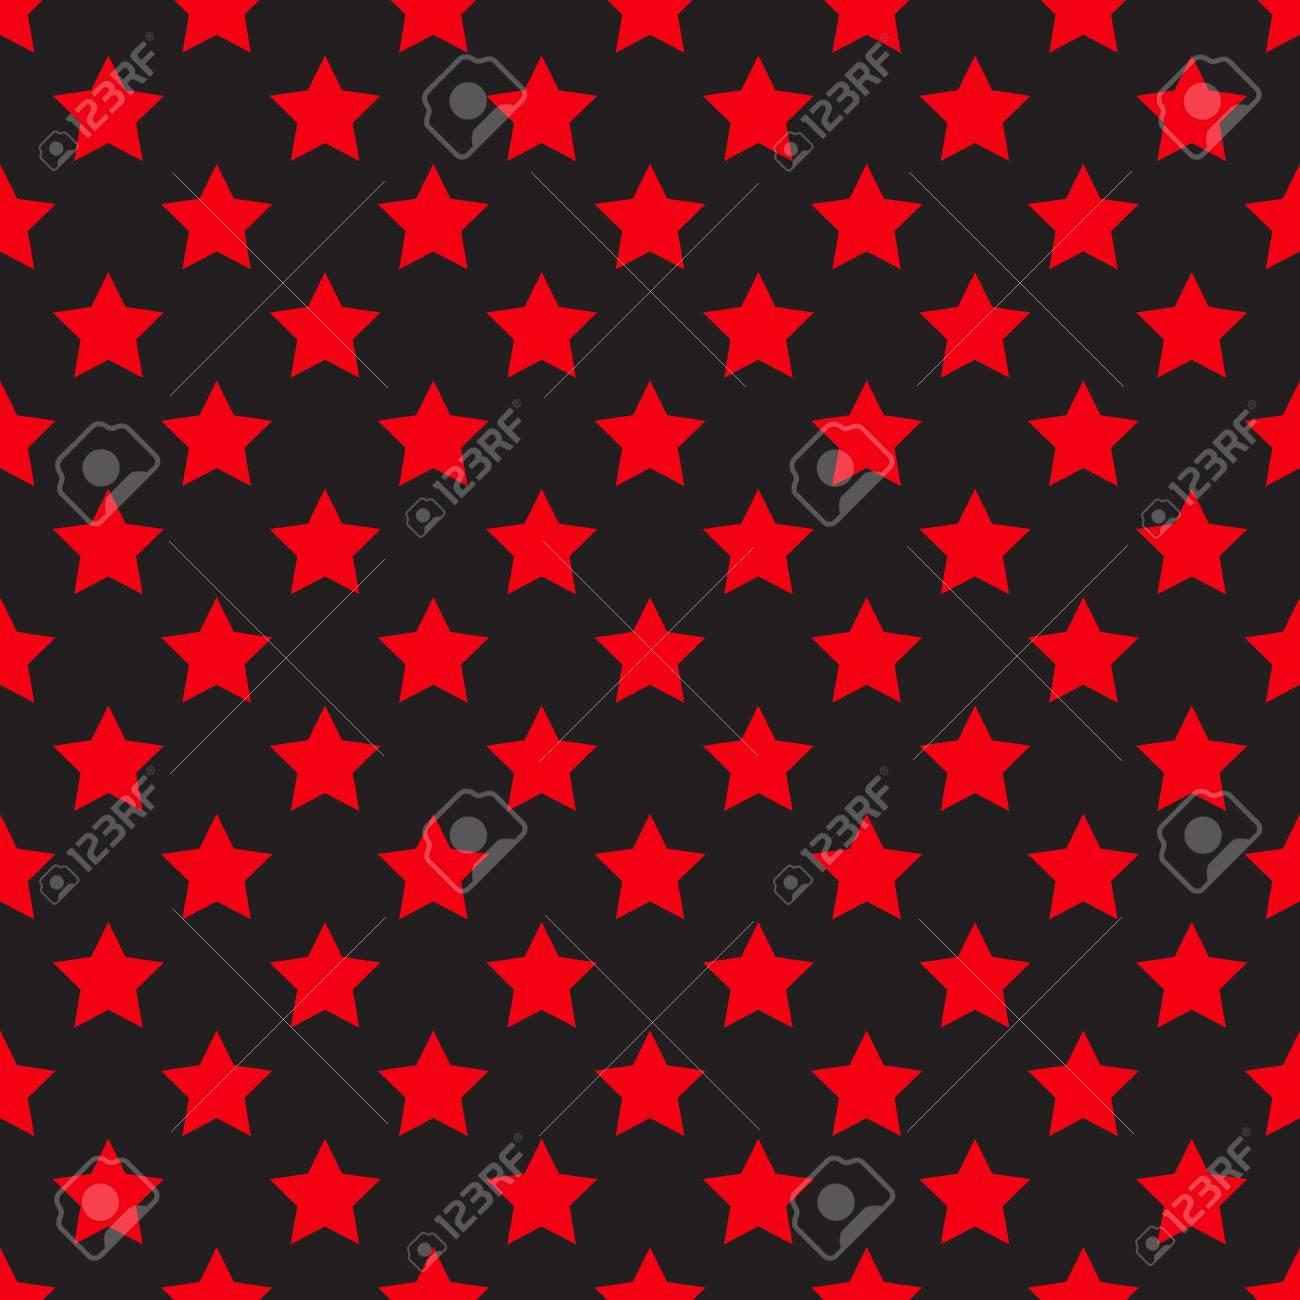 Seamless étoile Rouge Sur Fond Noir